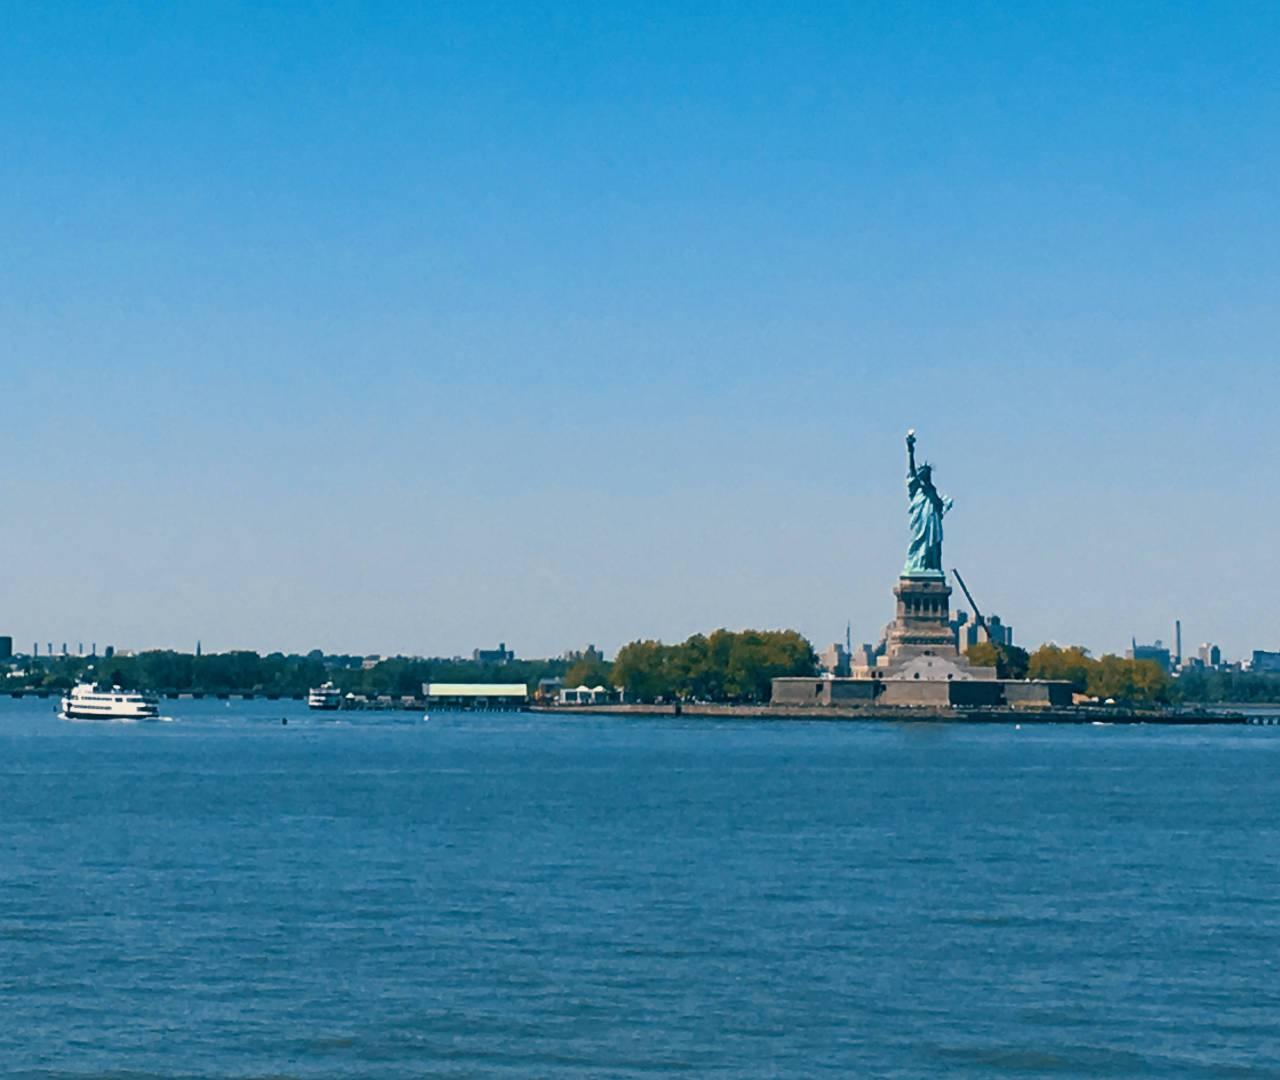 Cosa fare l'ultimo giorno a New York? Andare sull'acqua.